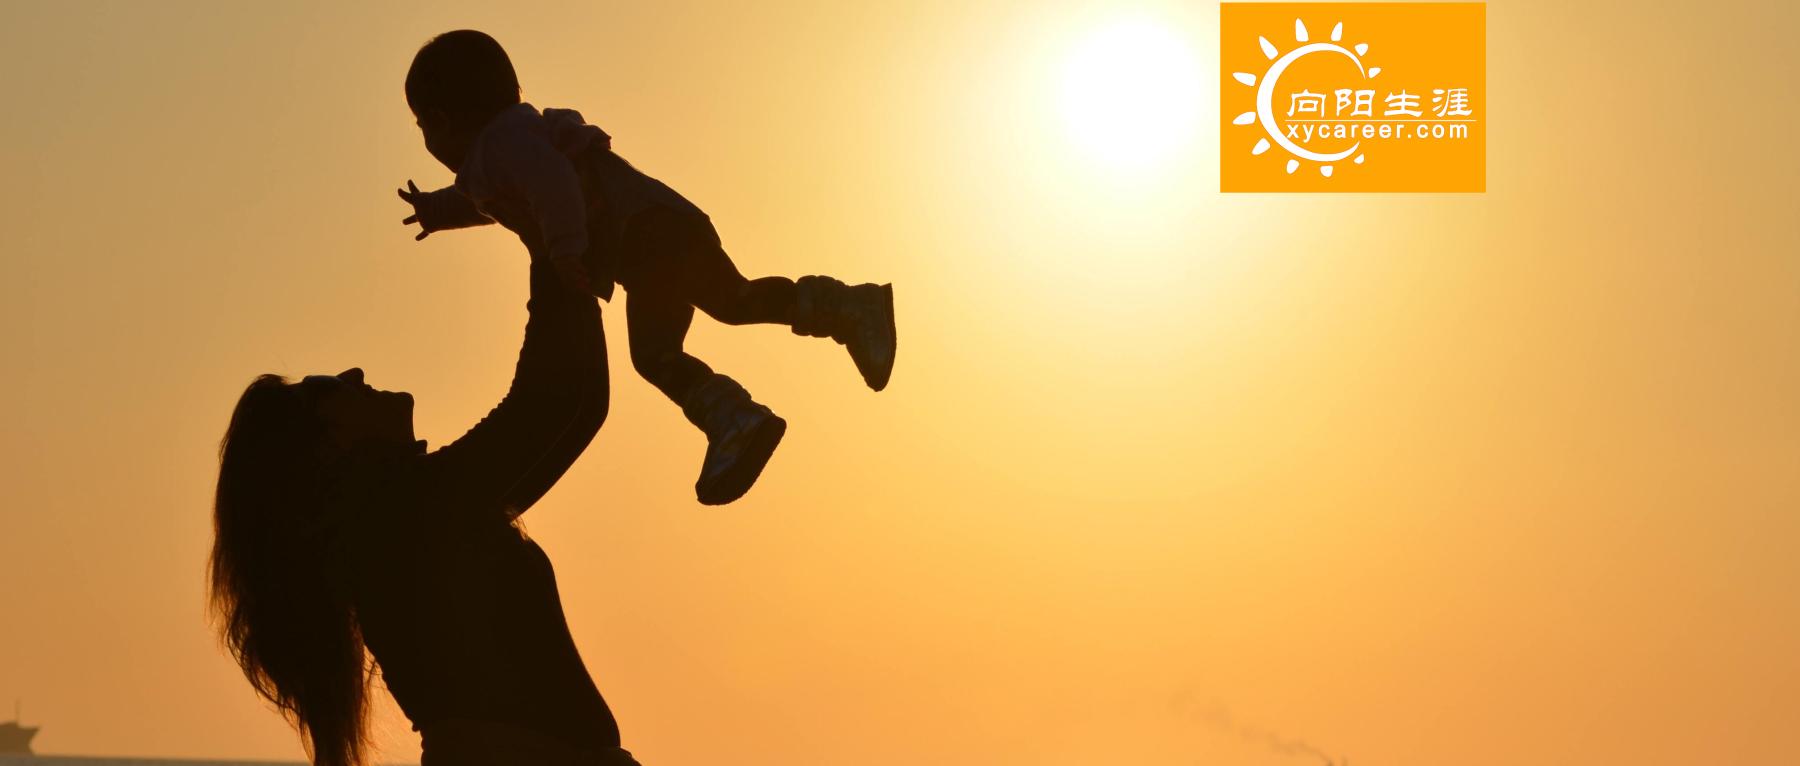 职场妈妈职业规划向阳生涯